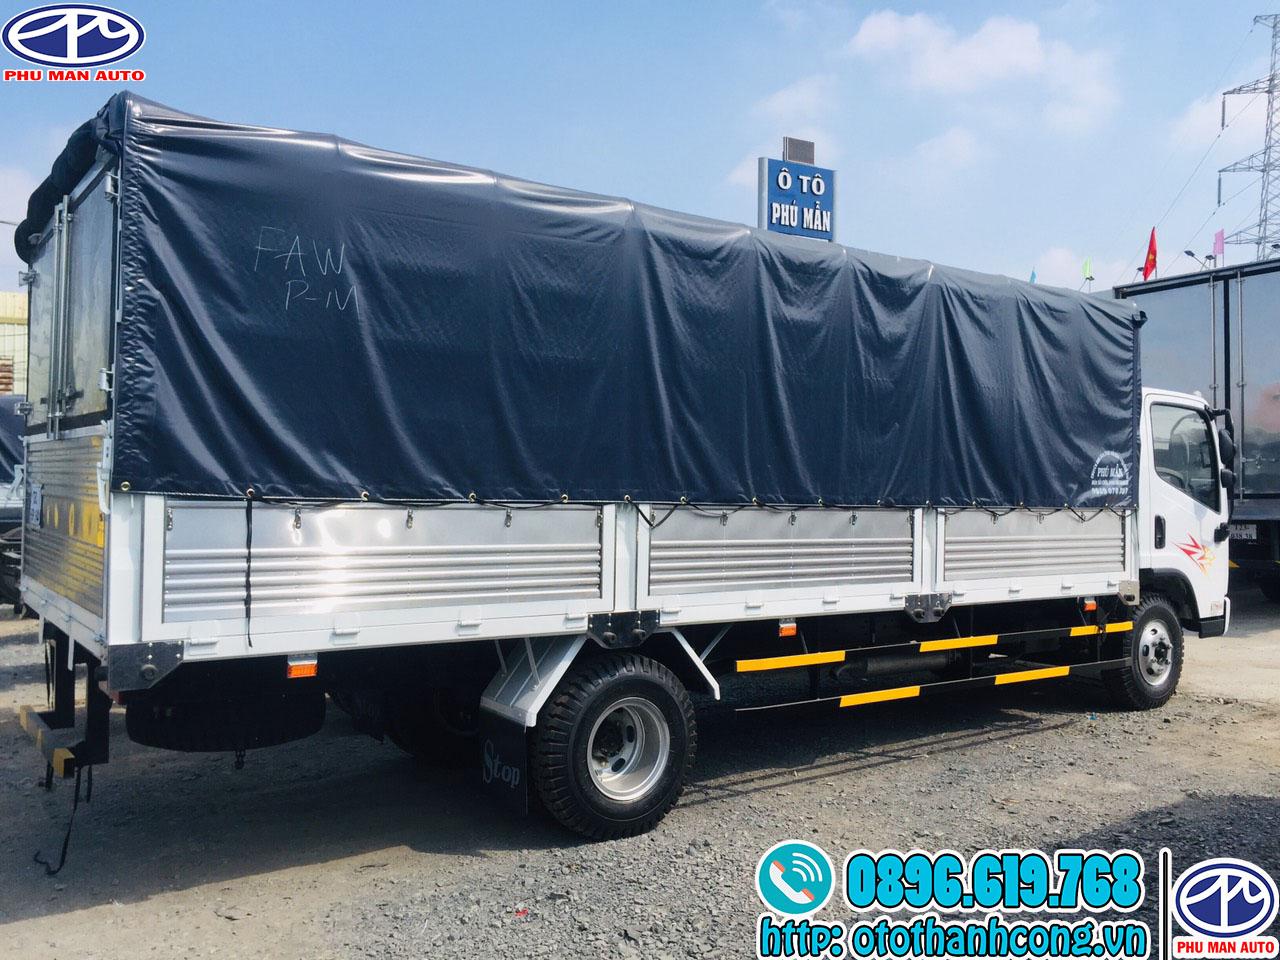 Thùng xe tải Faw 8 tấn